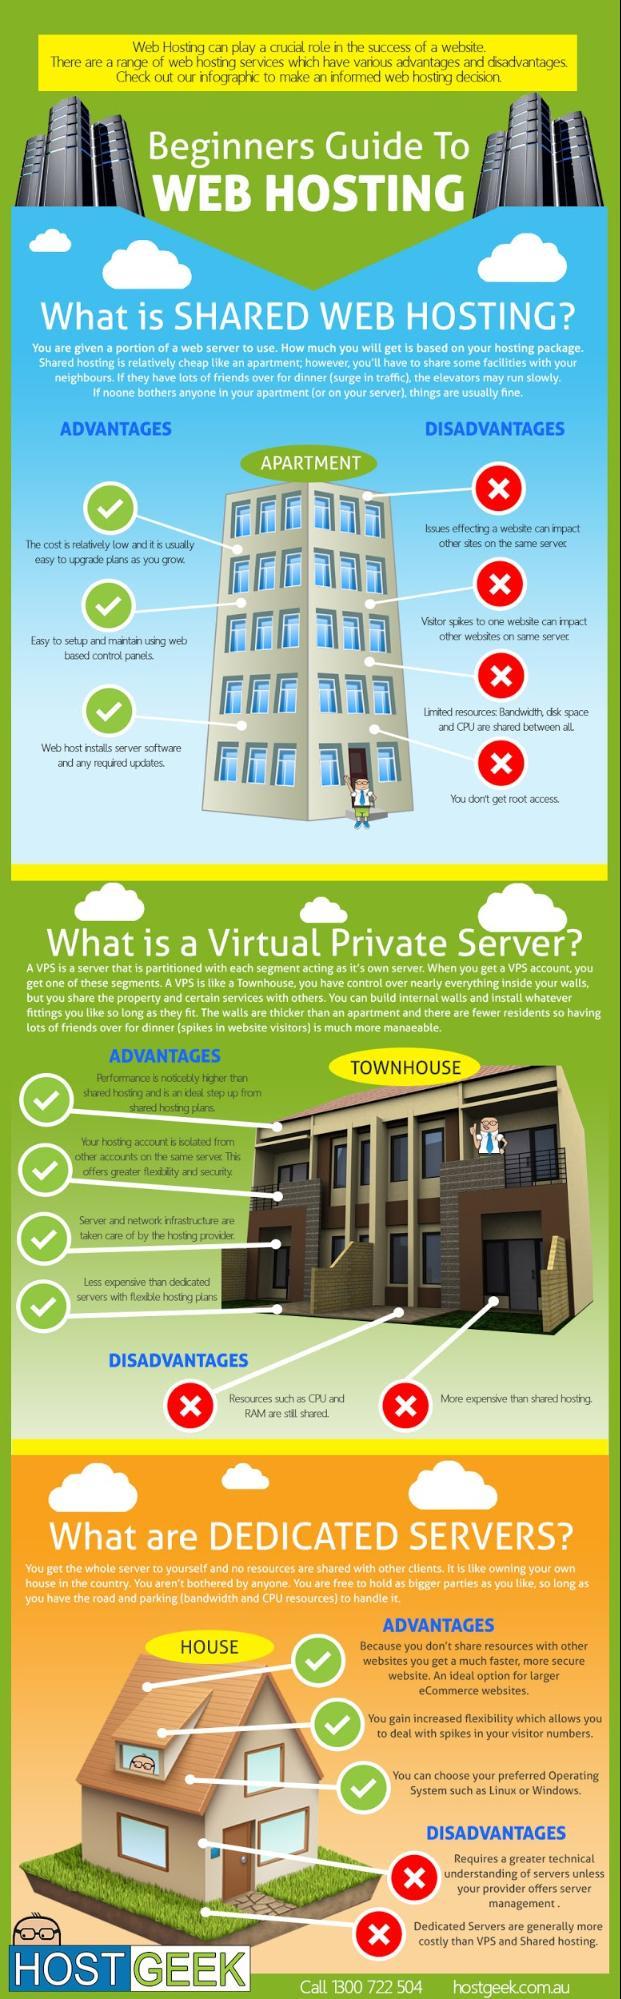 shared_web_hosting_deothemes.com